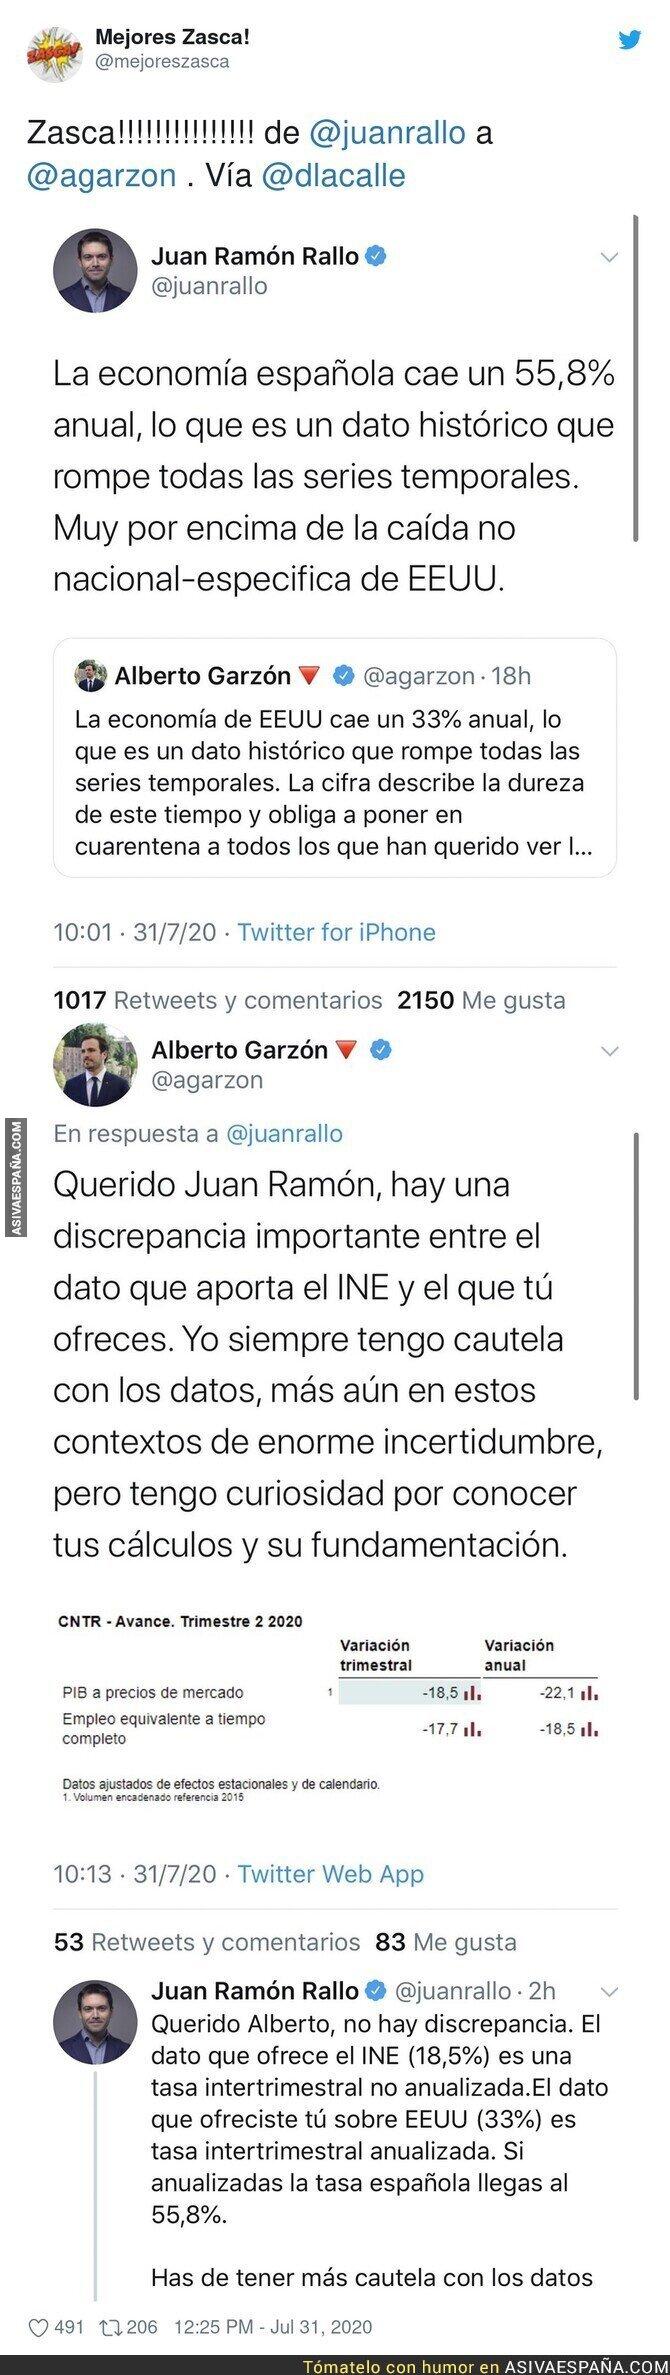 296850 - Alberto Garzón se lleva un ZASCA tremendo de Juan Ramón Rallo por los datos económicos